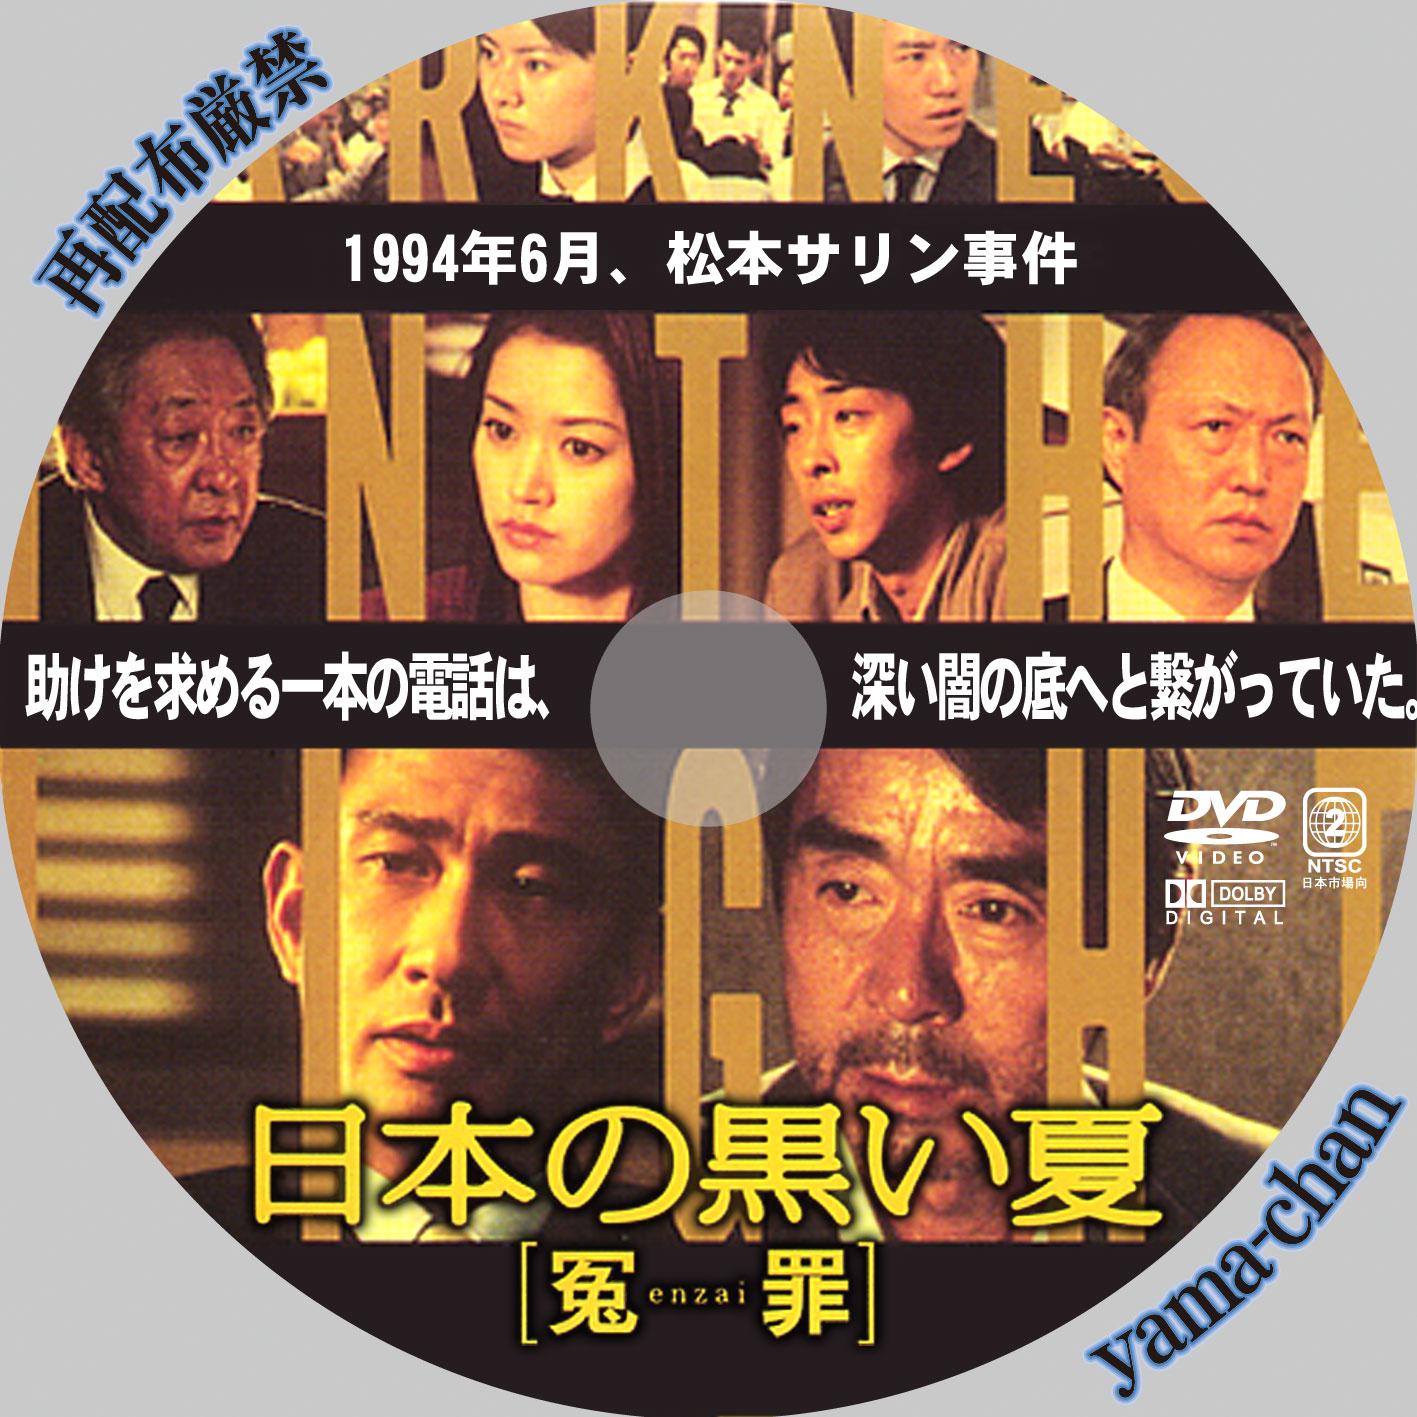 yama-chanのラベル工房 日本の黒い夏/冤罪